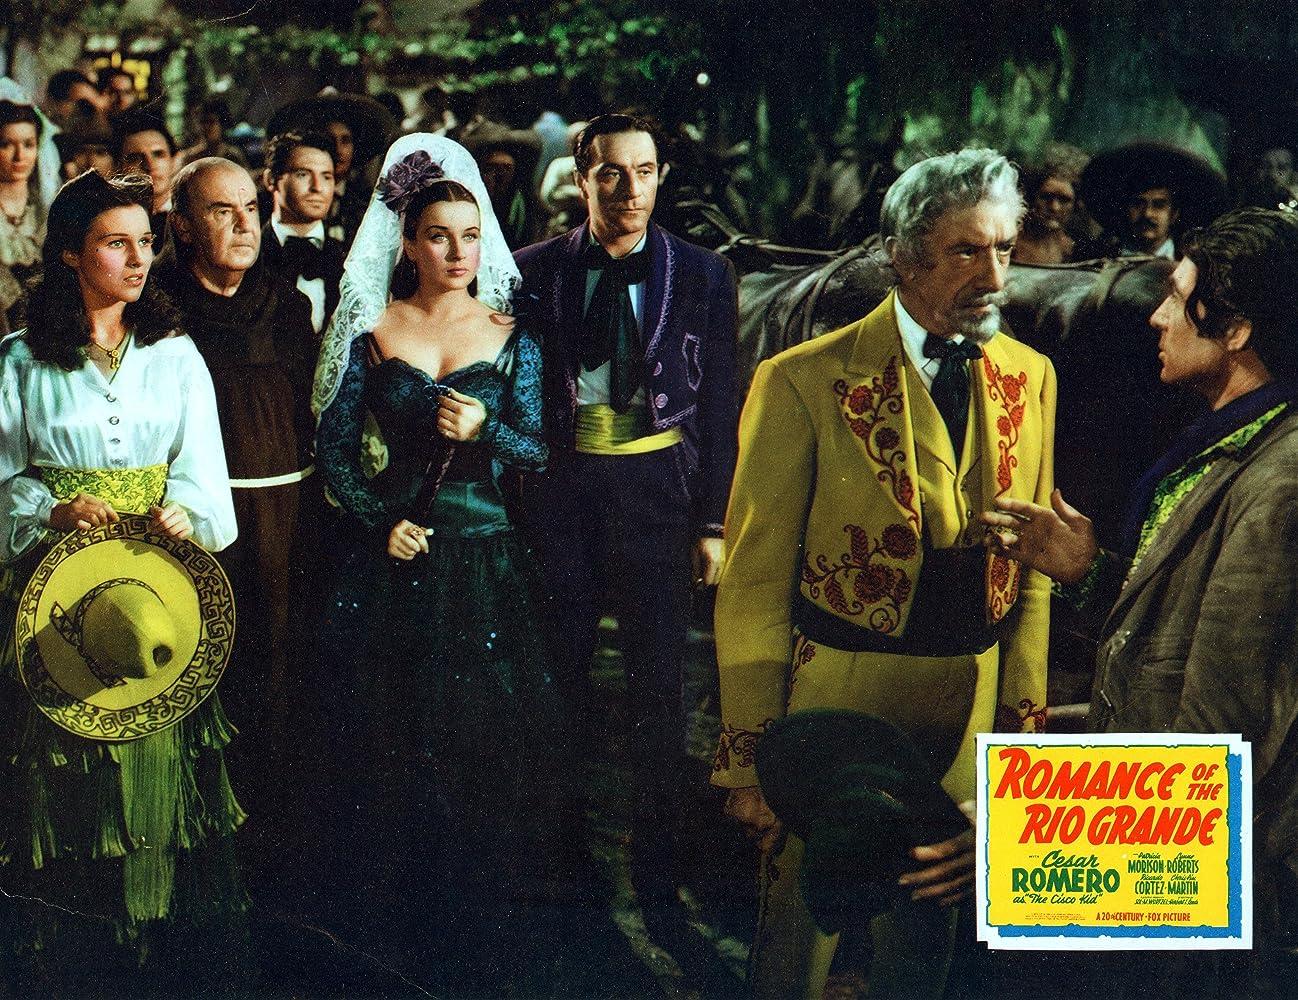 Cesar Romero, Pedro de Cordoba, Ricardo Cortez, and Patricia Morison in Romance of the Rio Grande (1940)